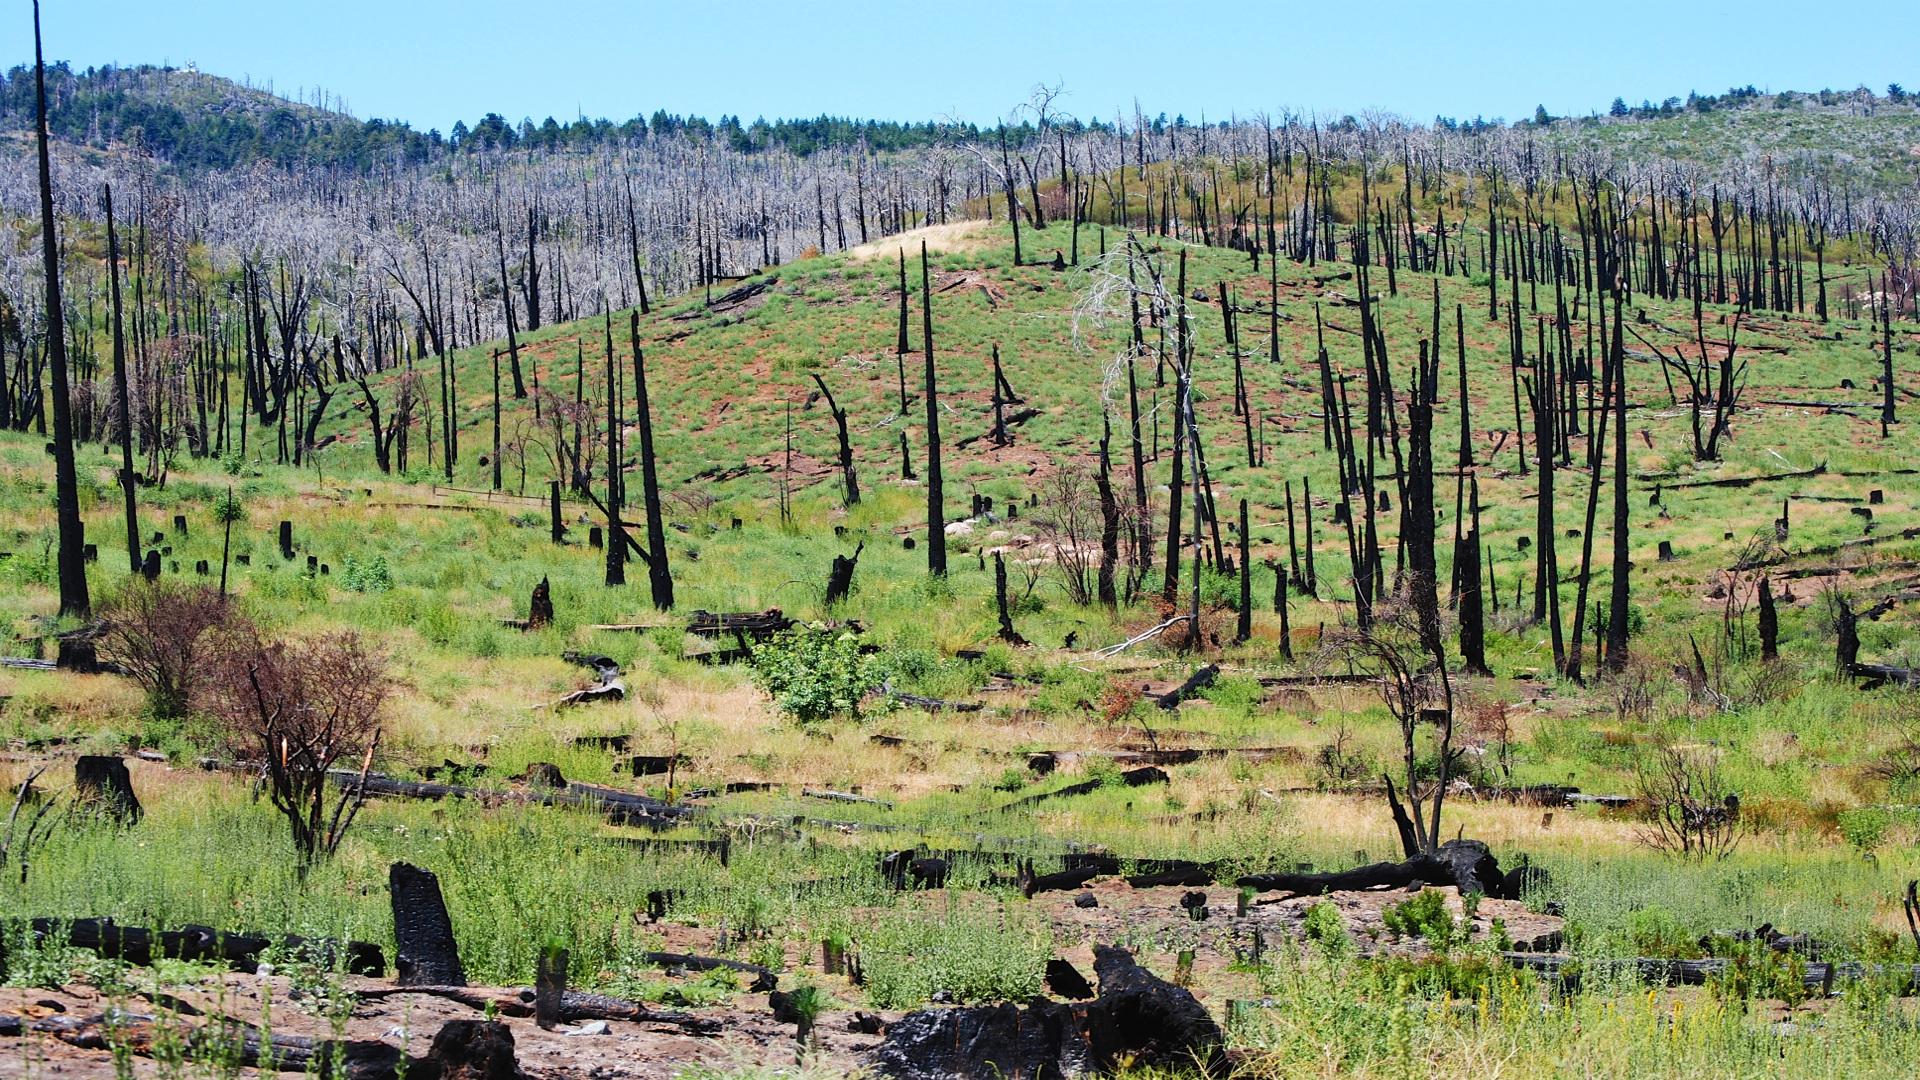 Cosas que hay que cambiar en la política forestal contra incendios 1920